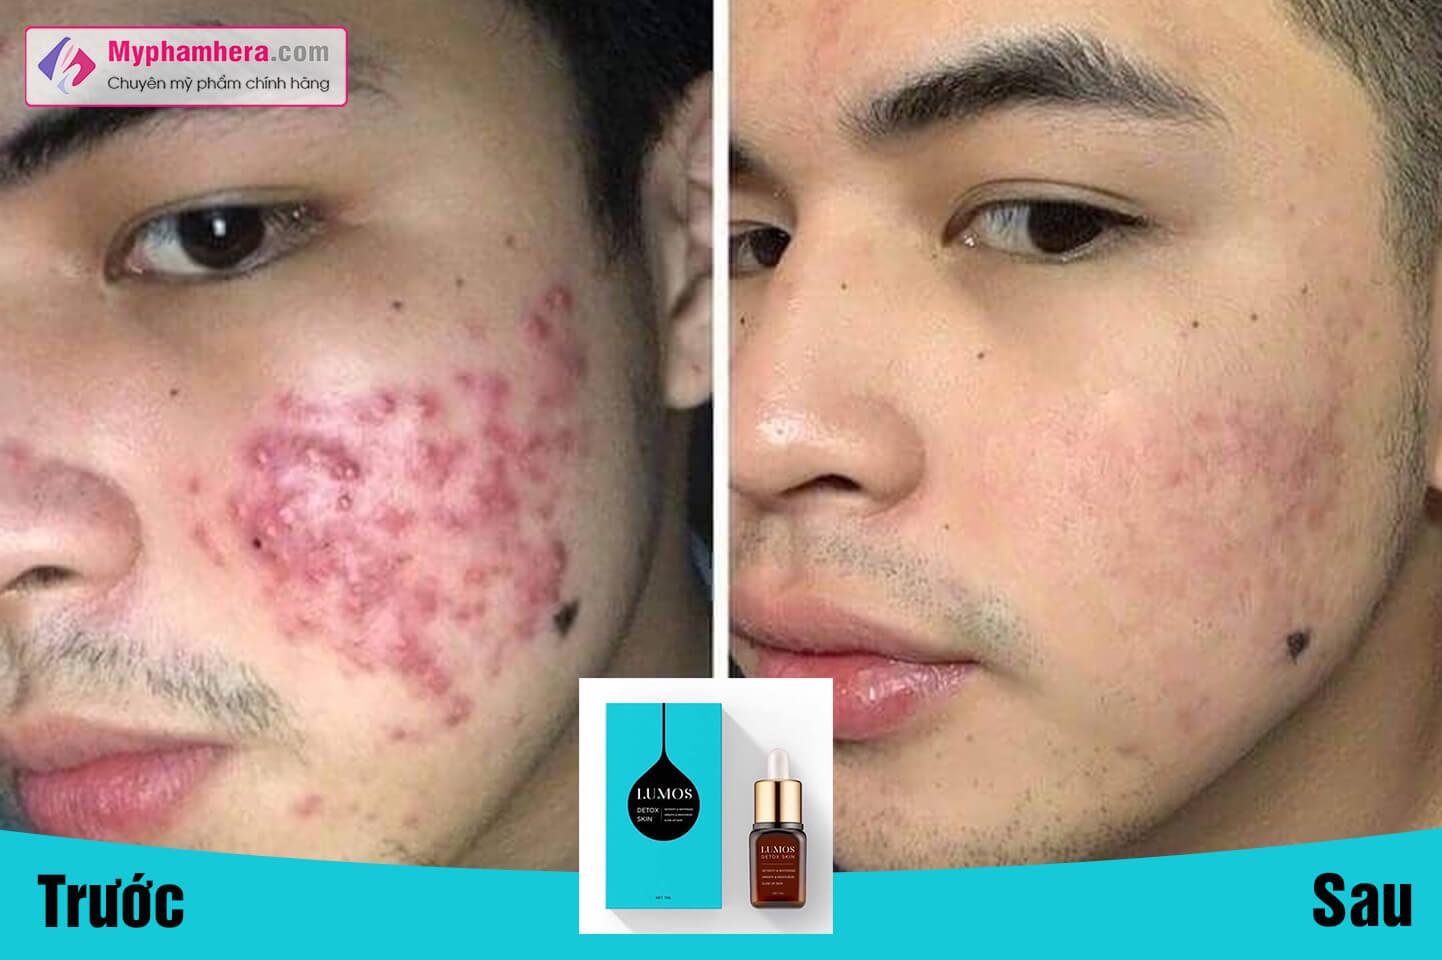 review serum lumos detox skin có tốt không myphamhera.com